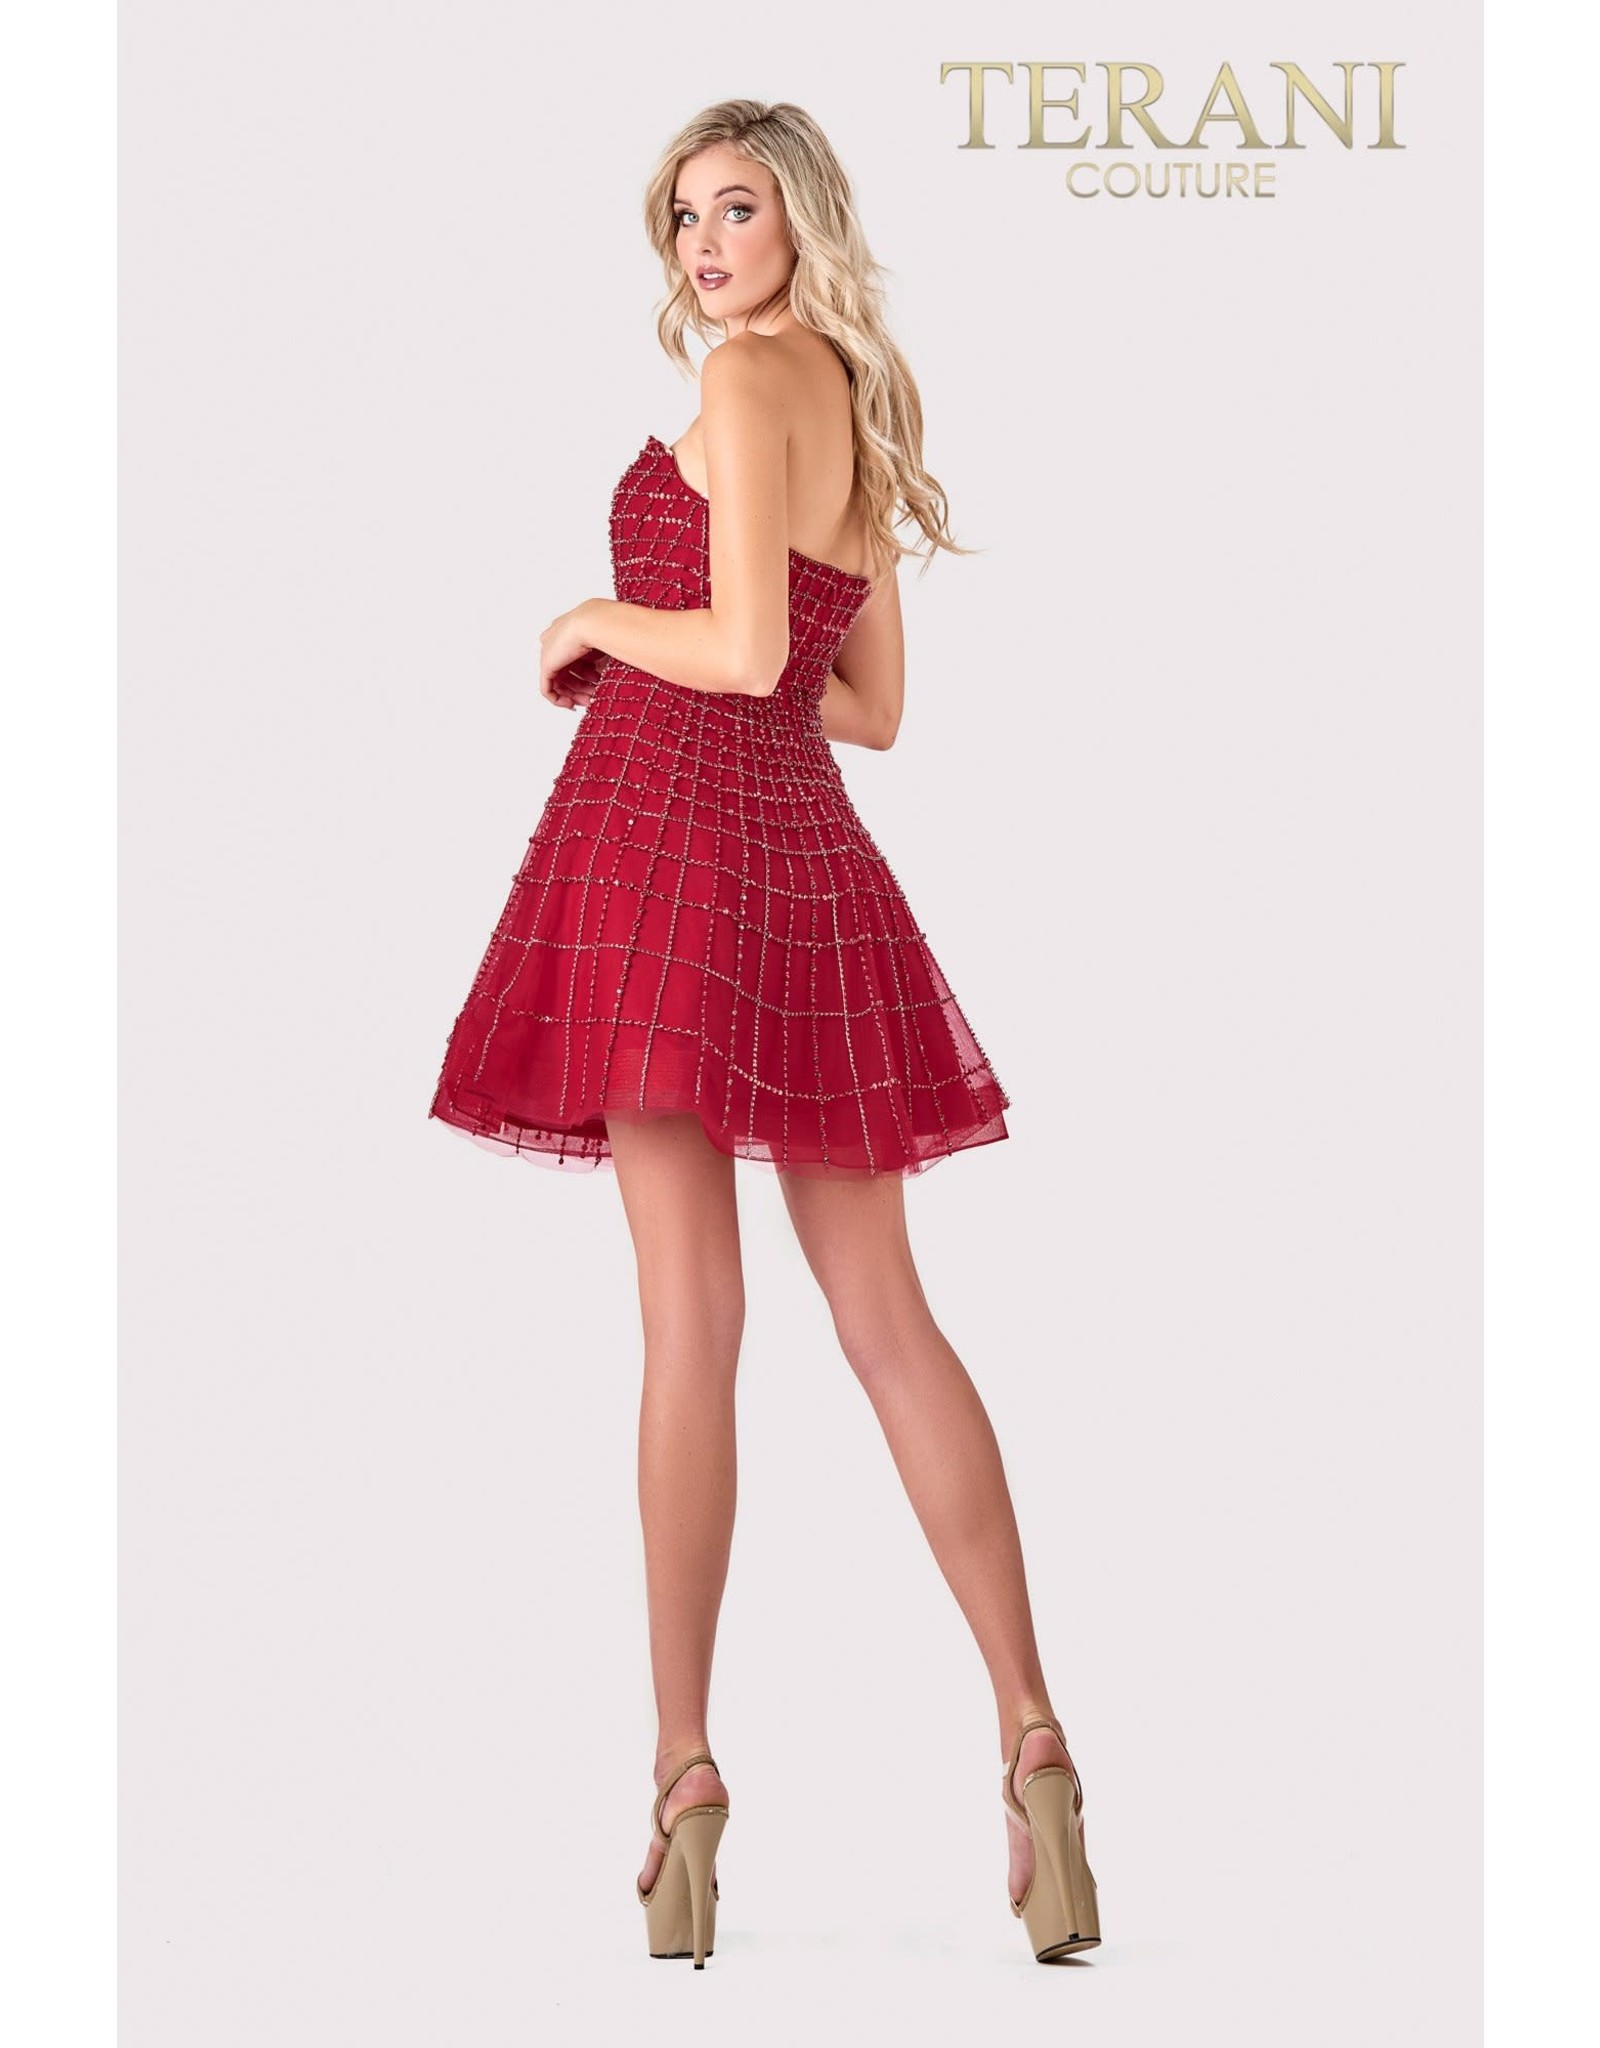 Terani 2111P4250 Terani Dresses